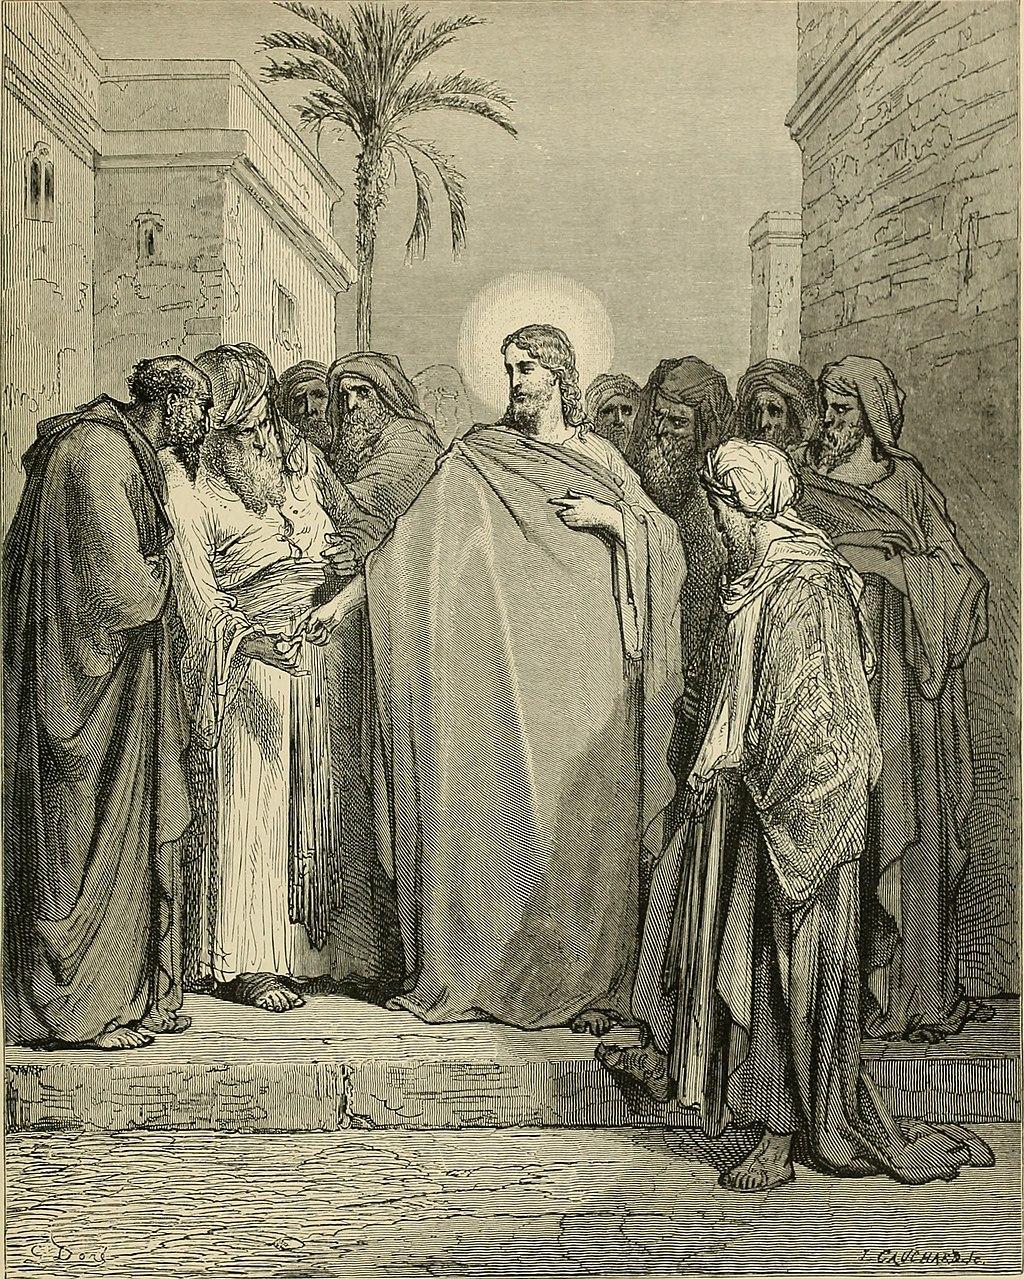 그리스도와 세금 (귀스타브 도레, Gustave Dore, 1866년)